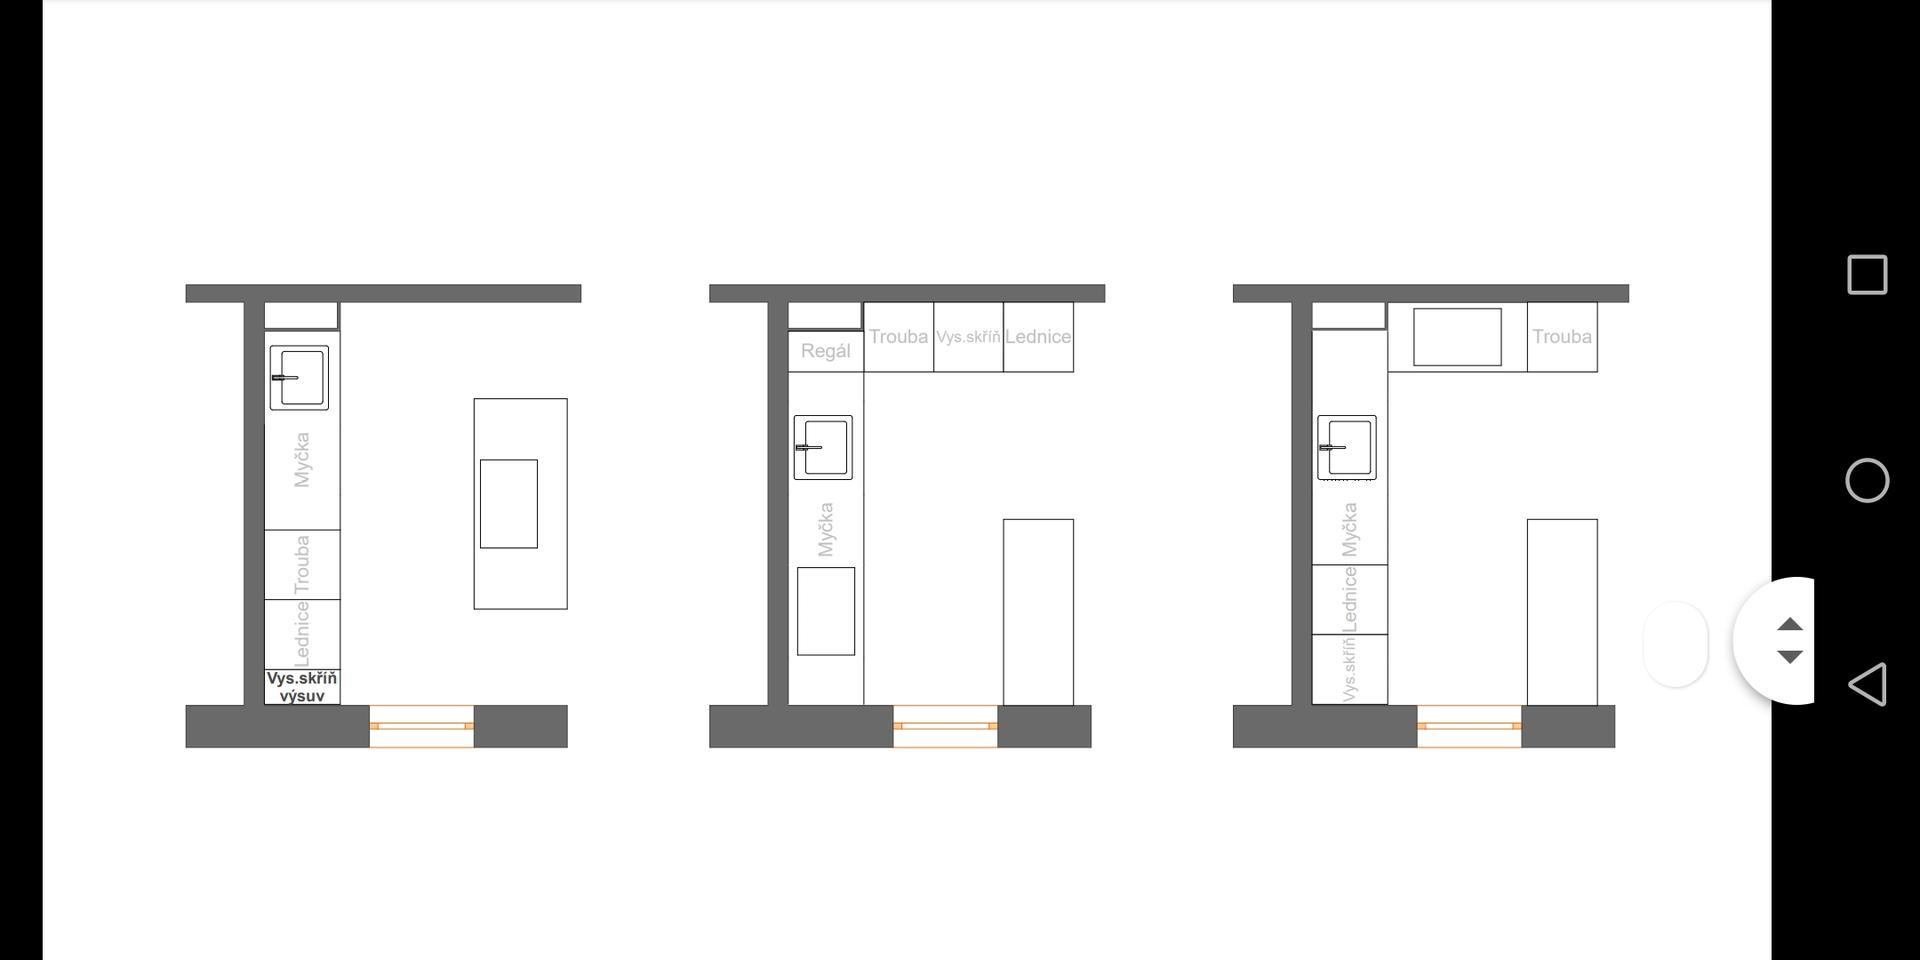 Náš nový byt v novostavbě - Obrázek č. 6